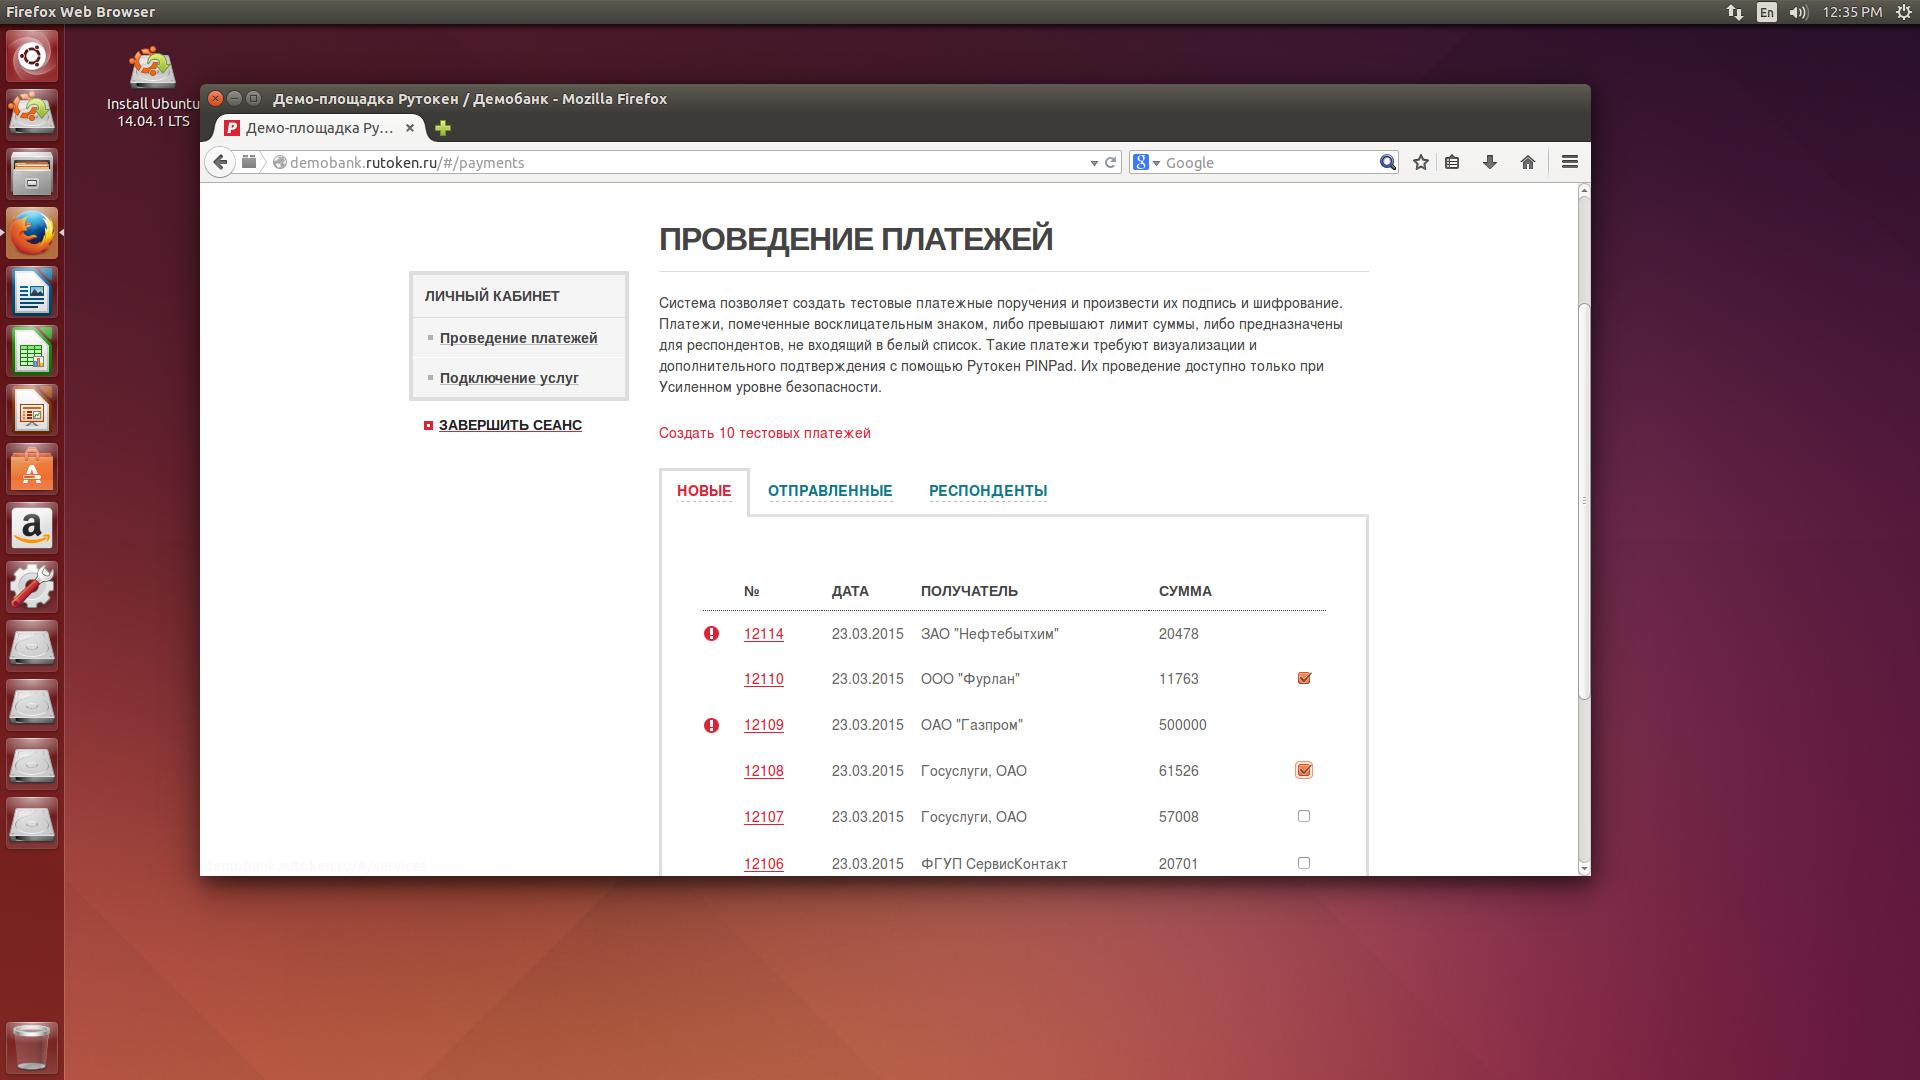 Электронная подпись в доверенной среде на базe загрузочной Ubuntu 14.04 LTS и Рутокен ЭЦП Flash - 9